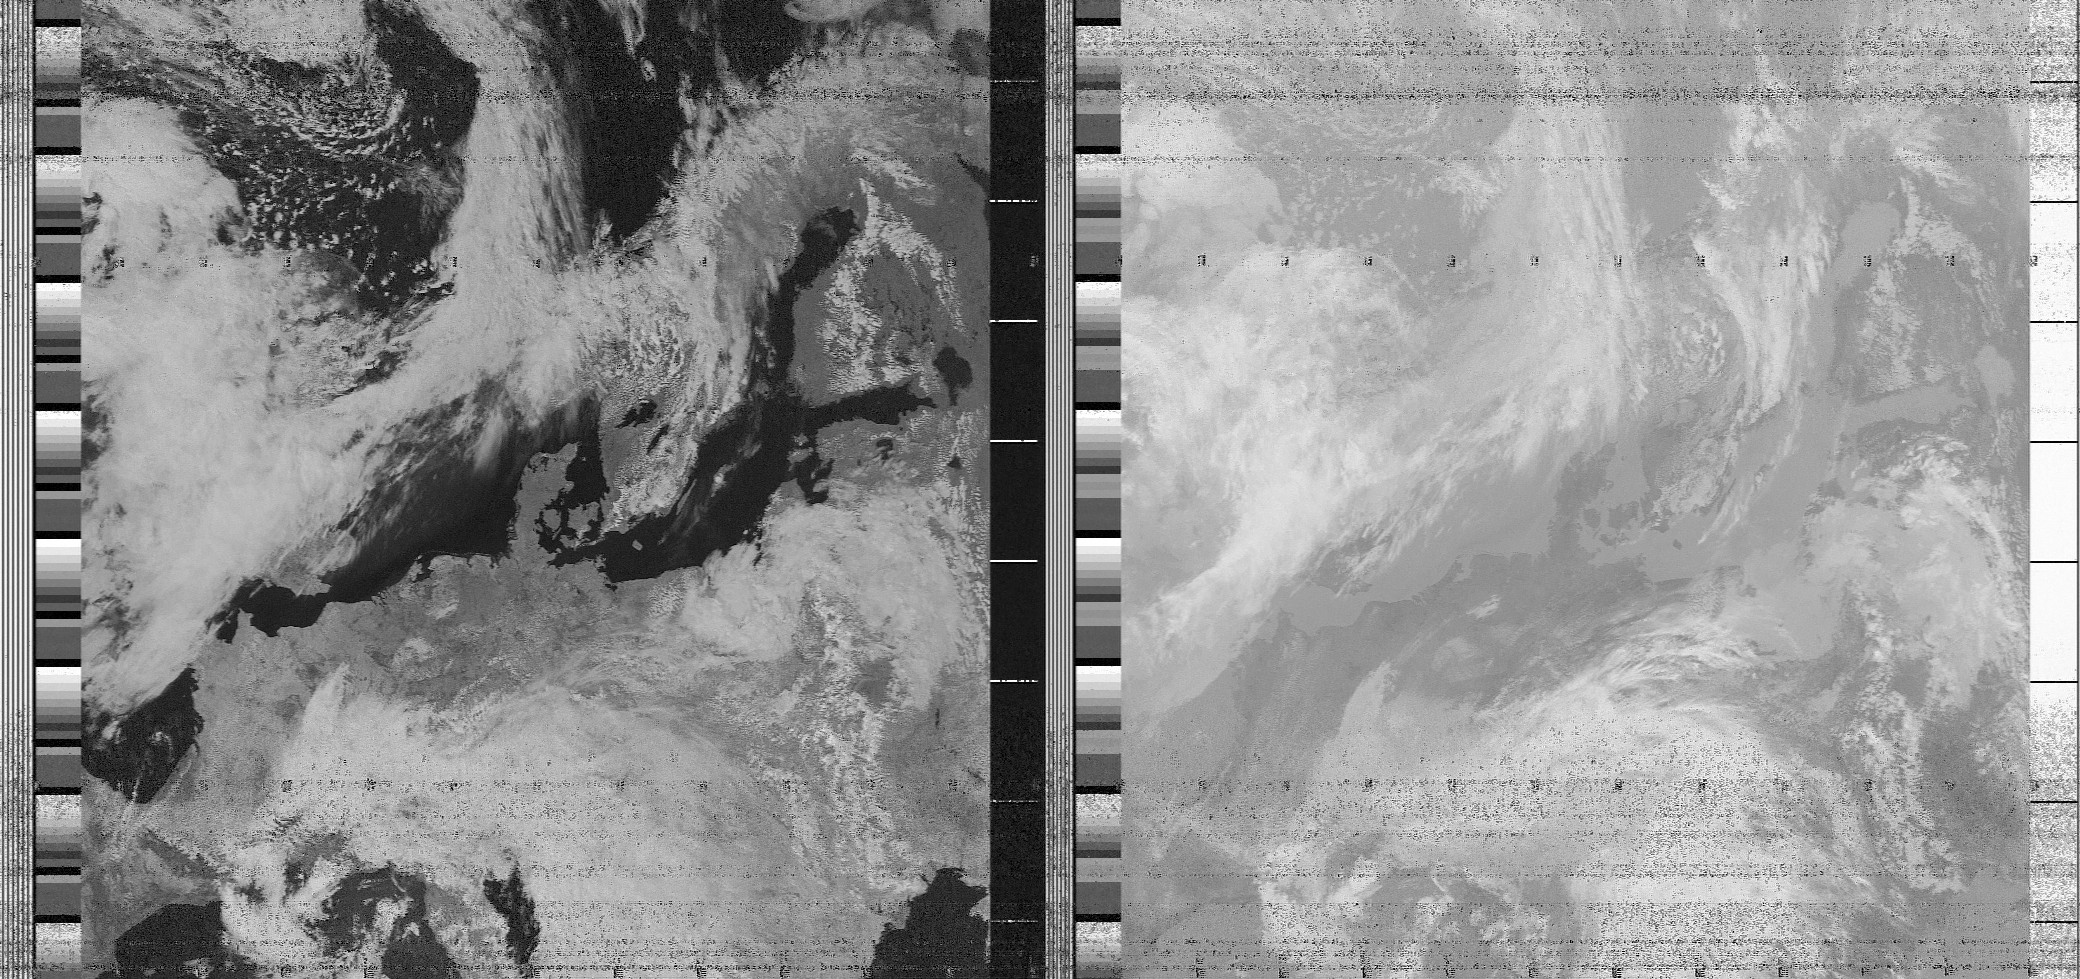 Alexandru Csete's NOAA imagery